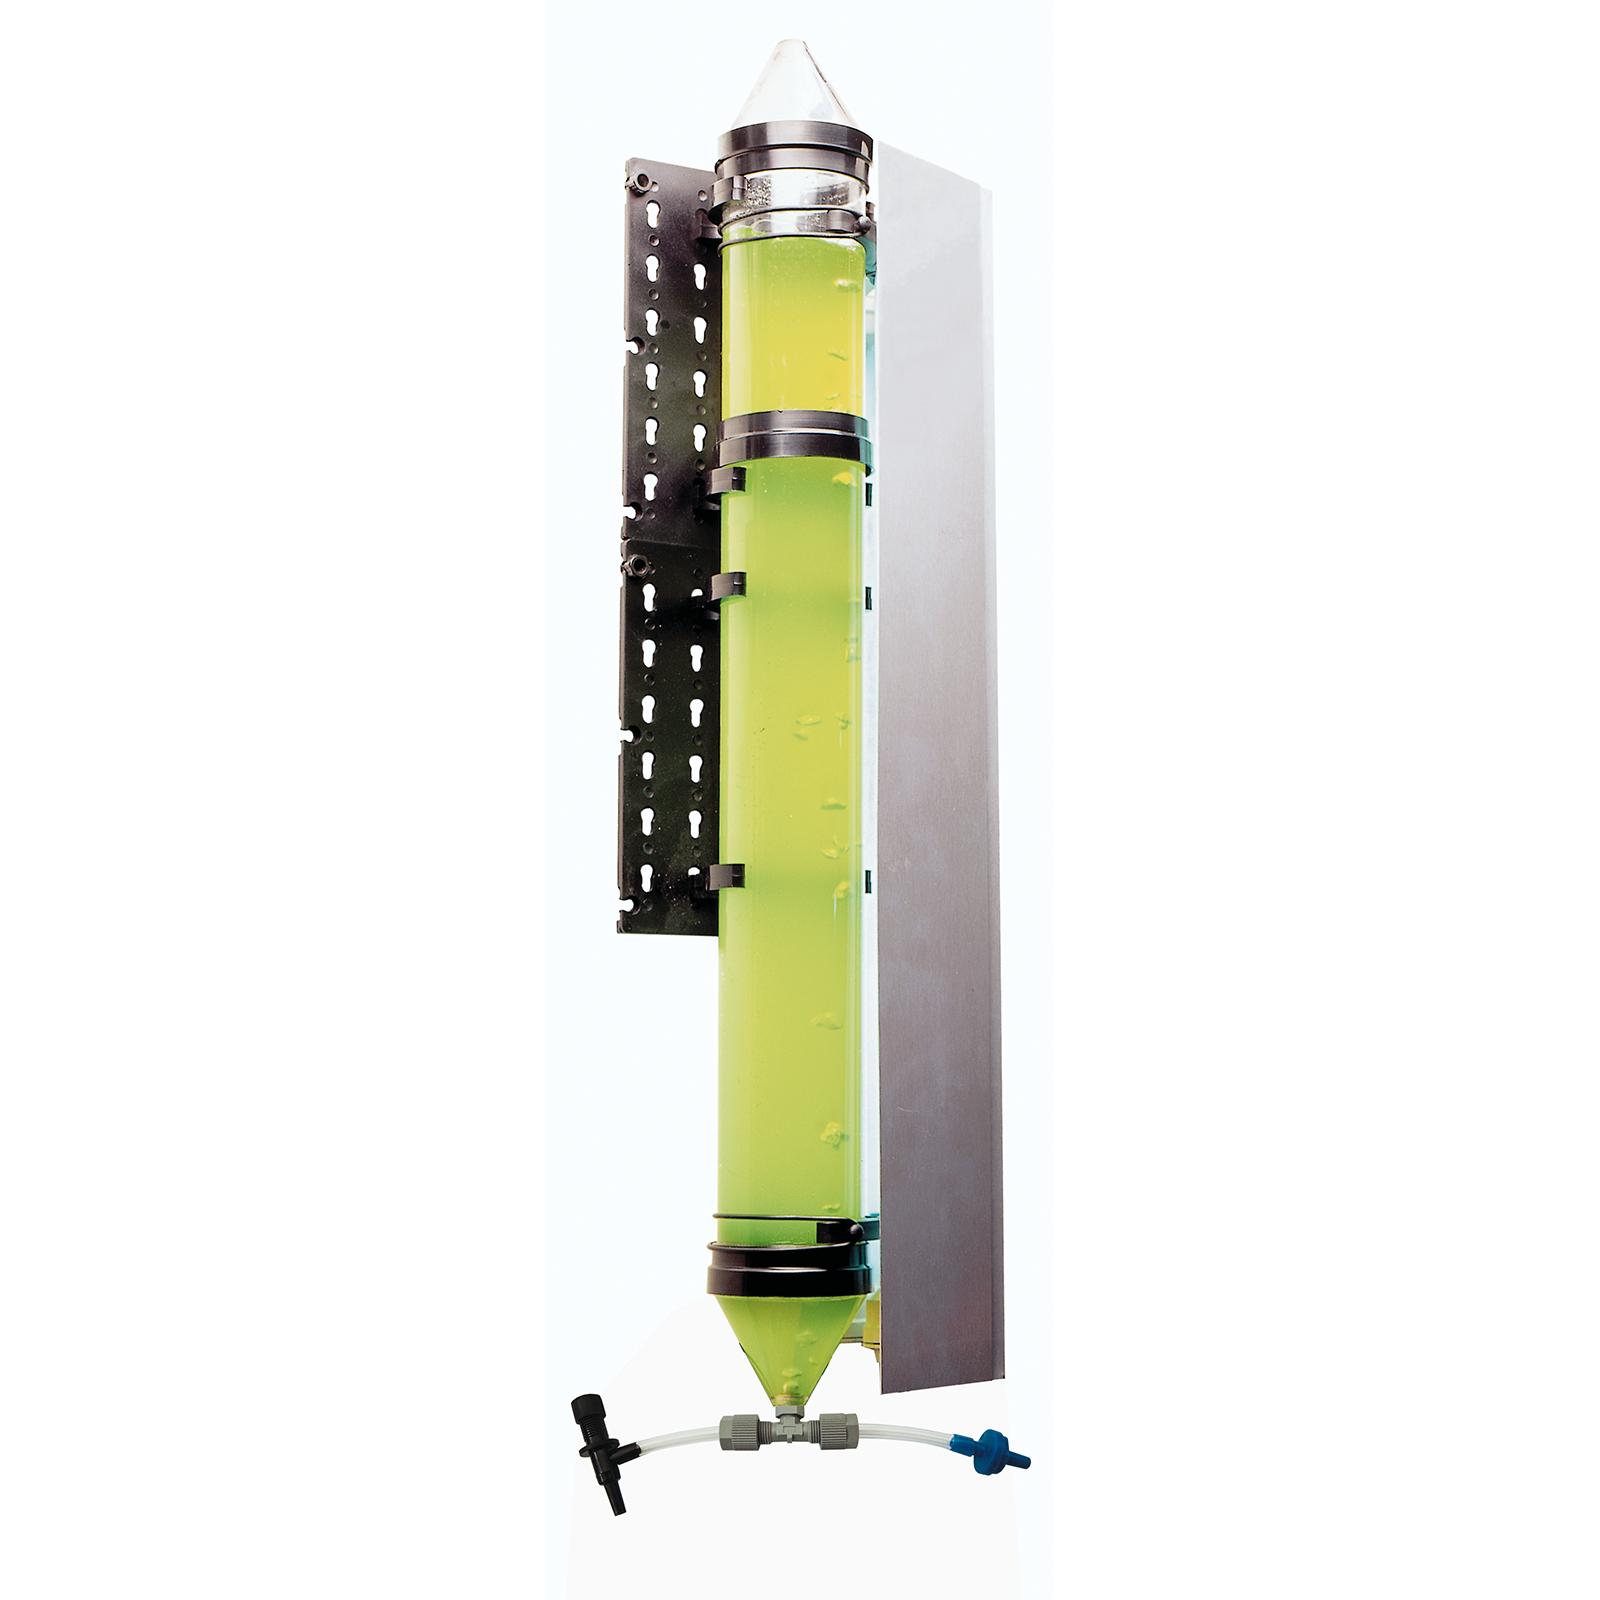 AQUA MEDIC Plankton Light Reactor réacteur avec éclairage pour la culture de Phytoplancton